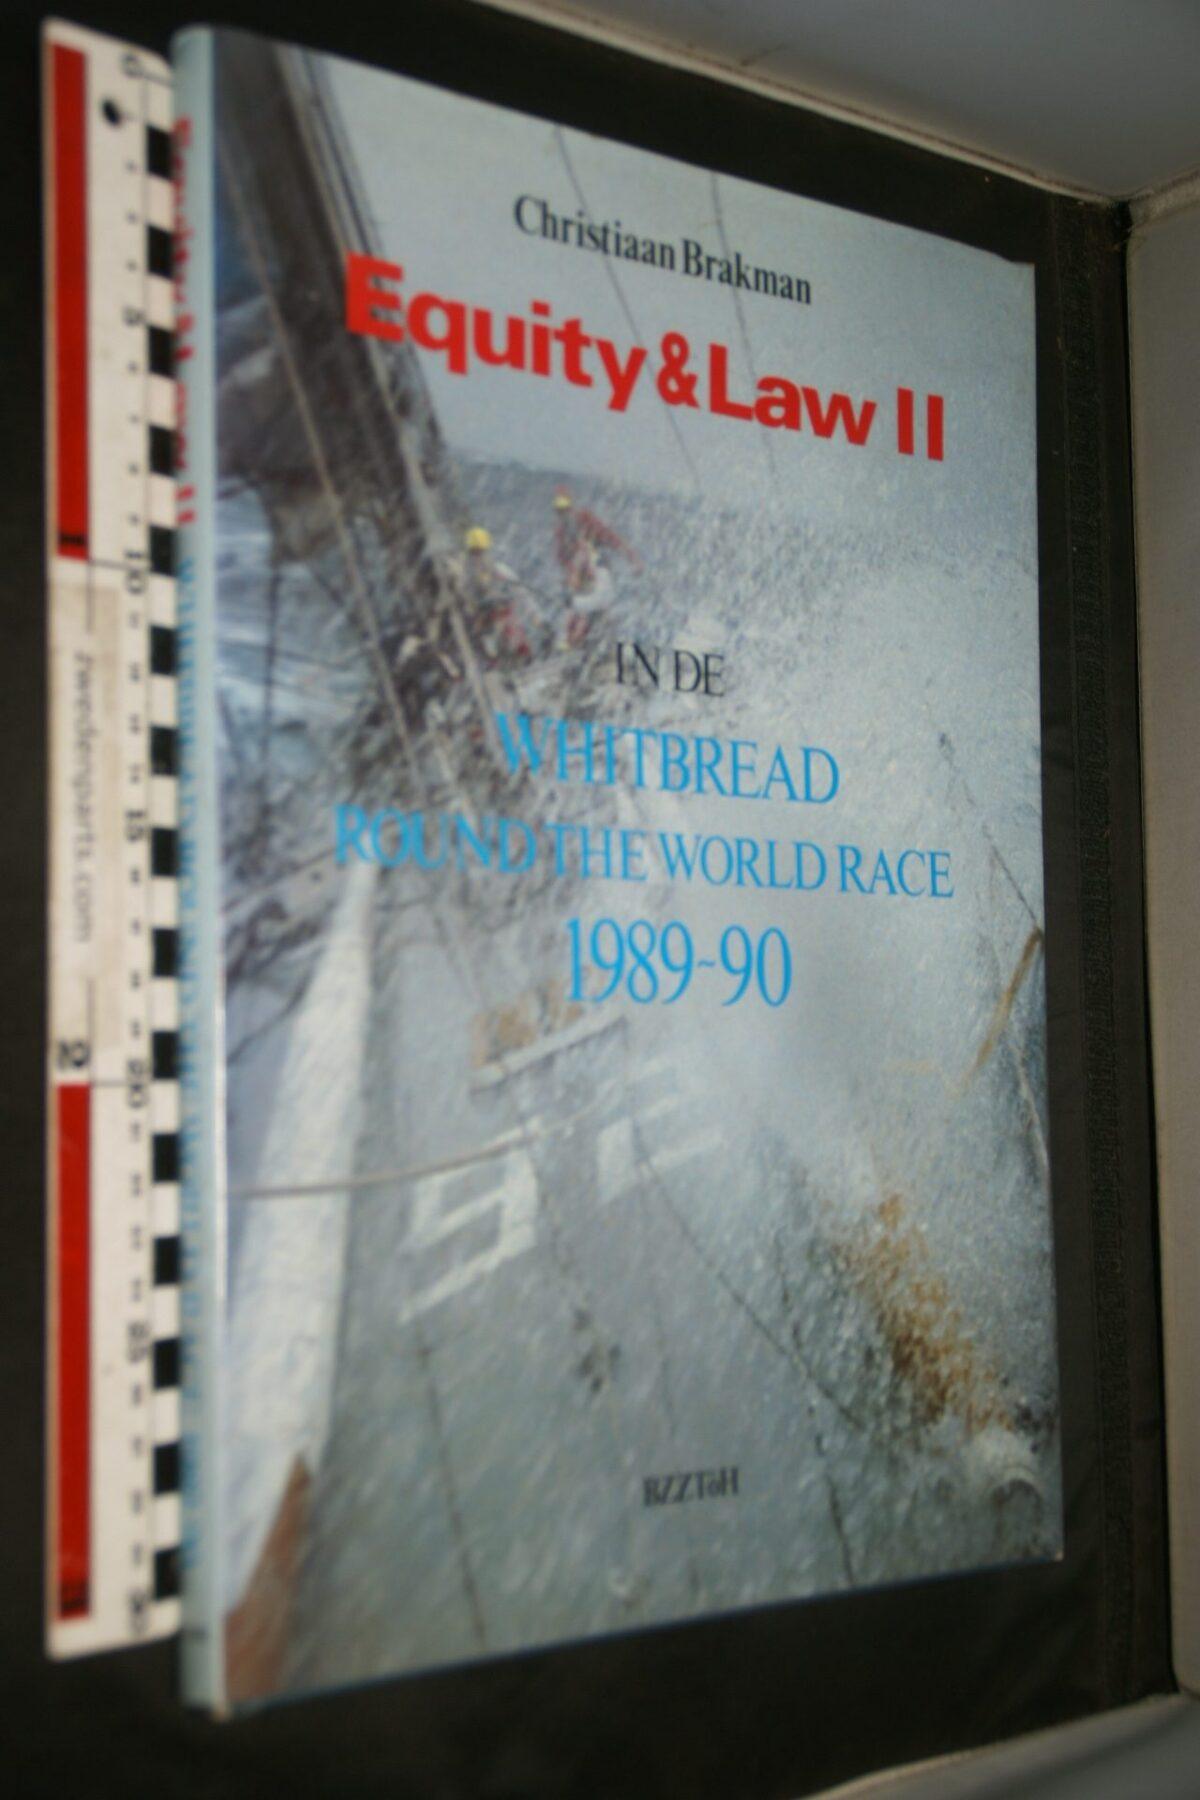 DSC06950 1990 boek Equity & Law II van Christiaan Brakman  ISBN 9062915795